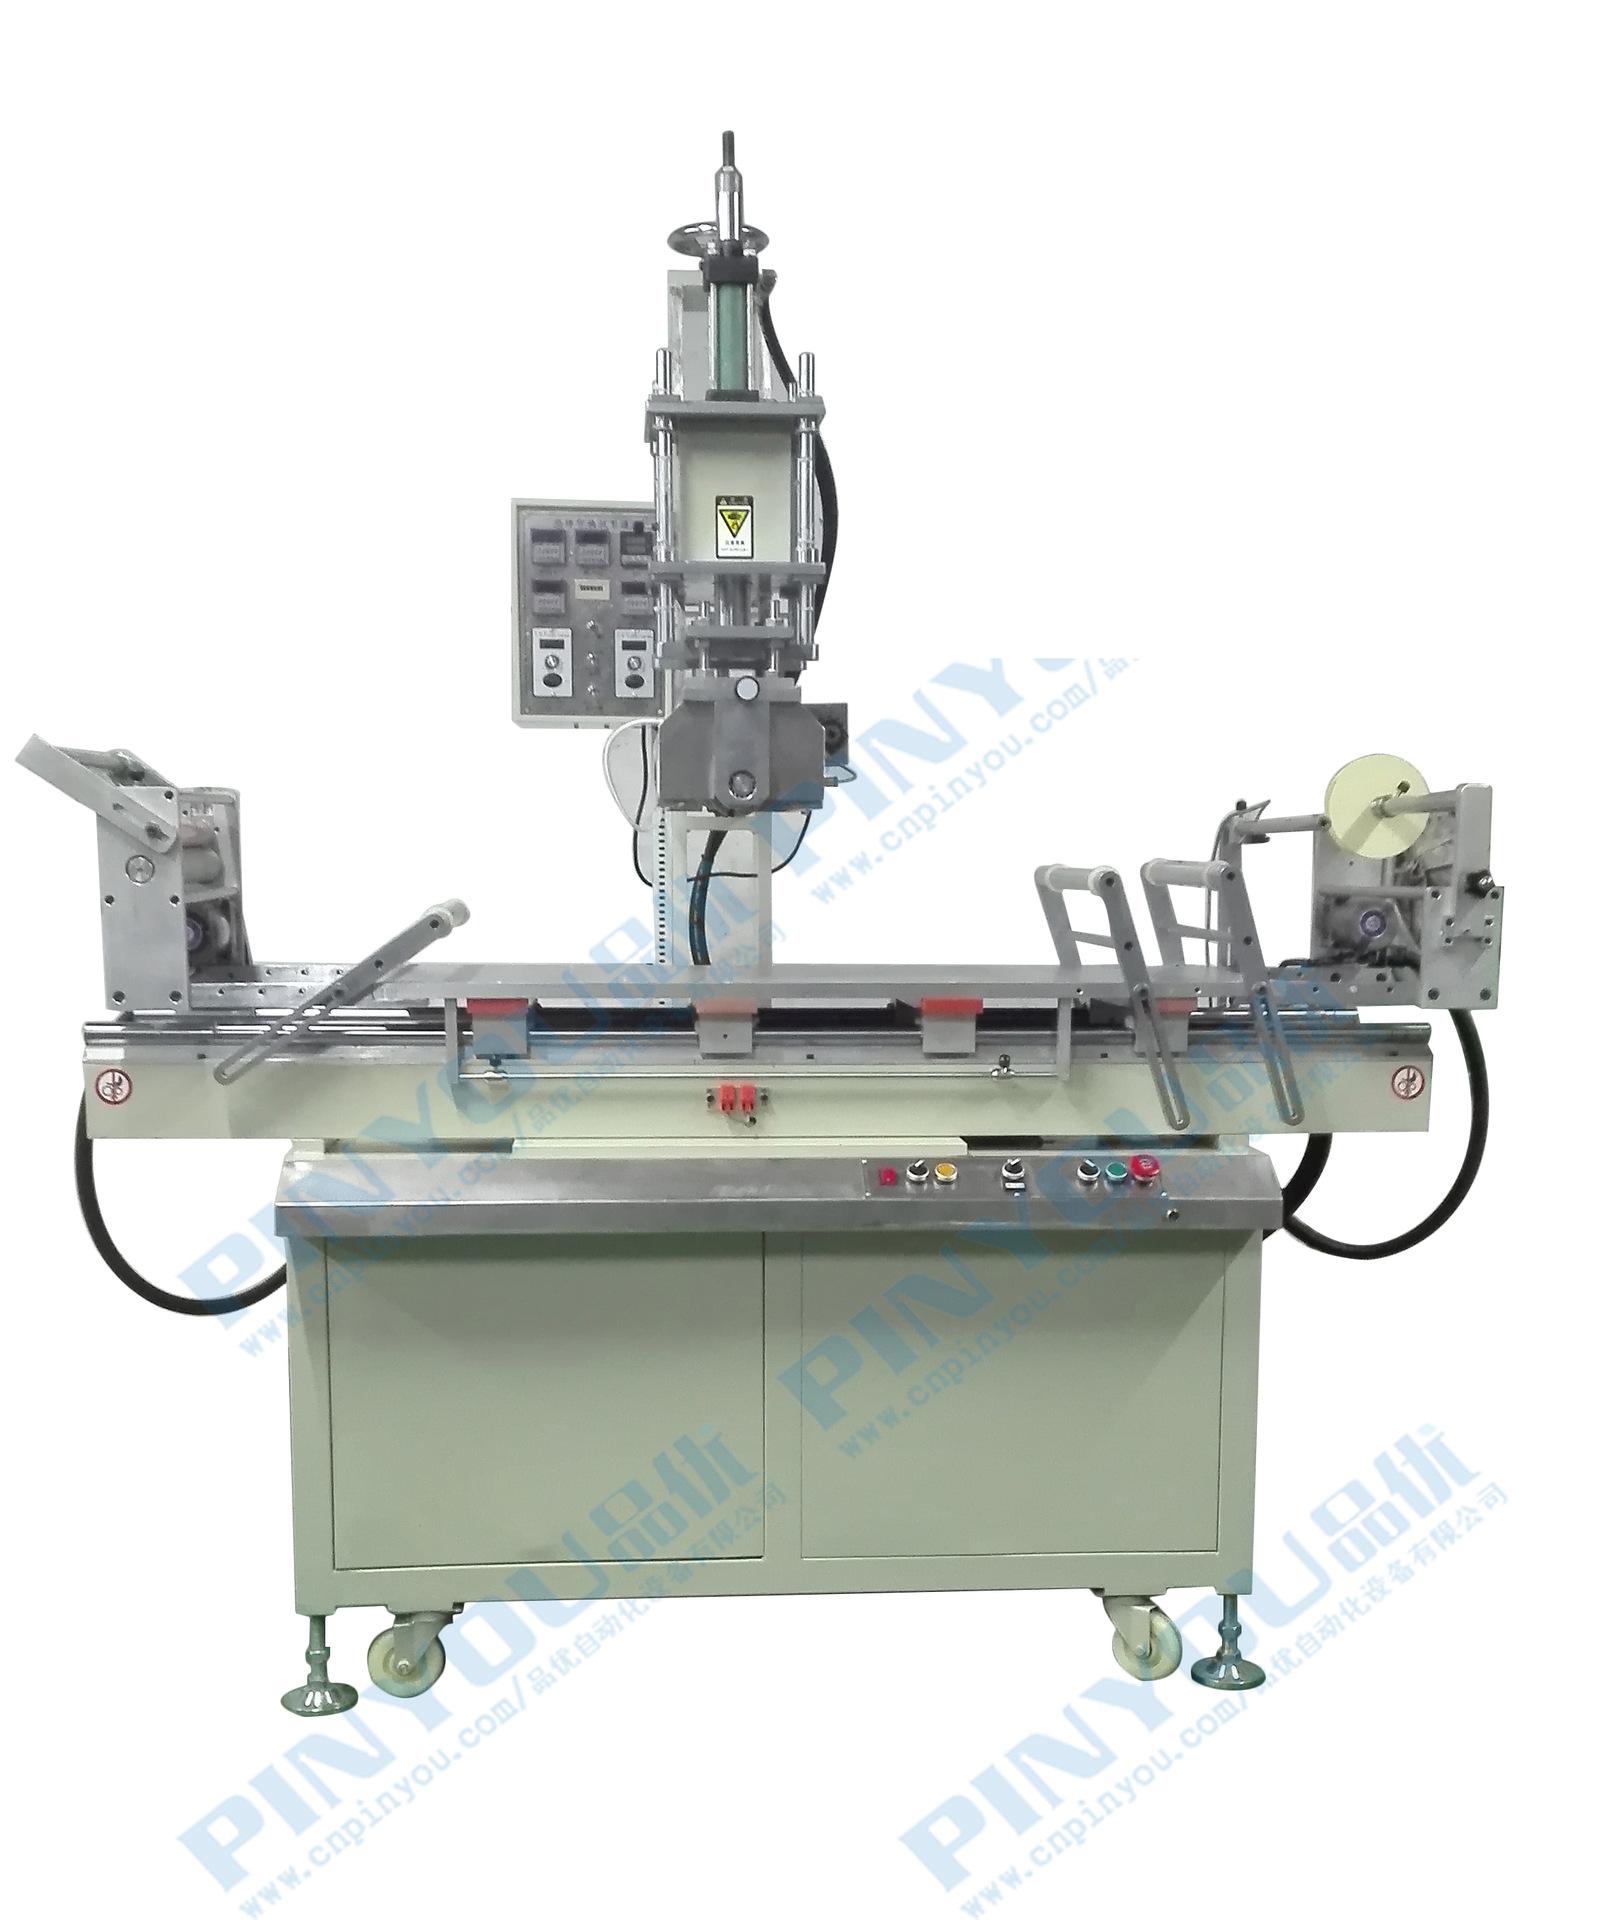 400油压卧式热转印机器